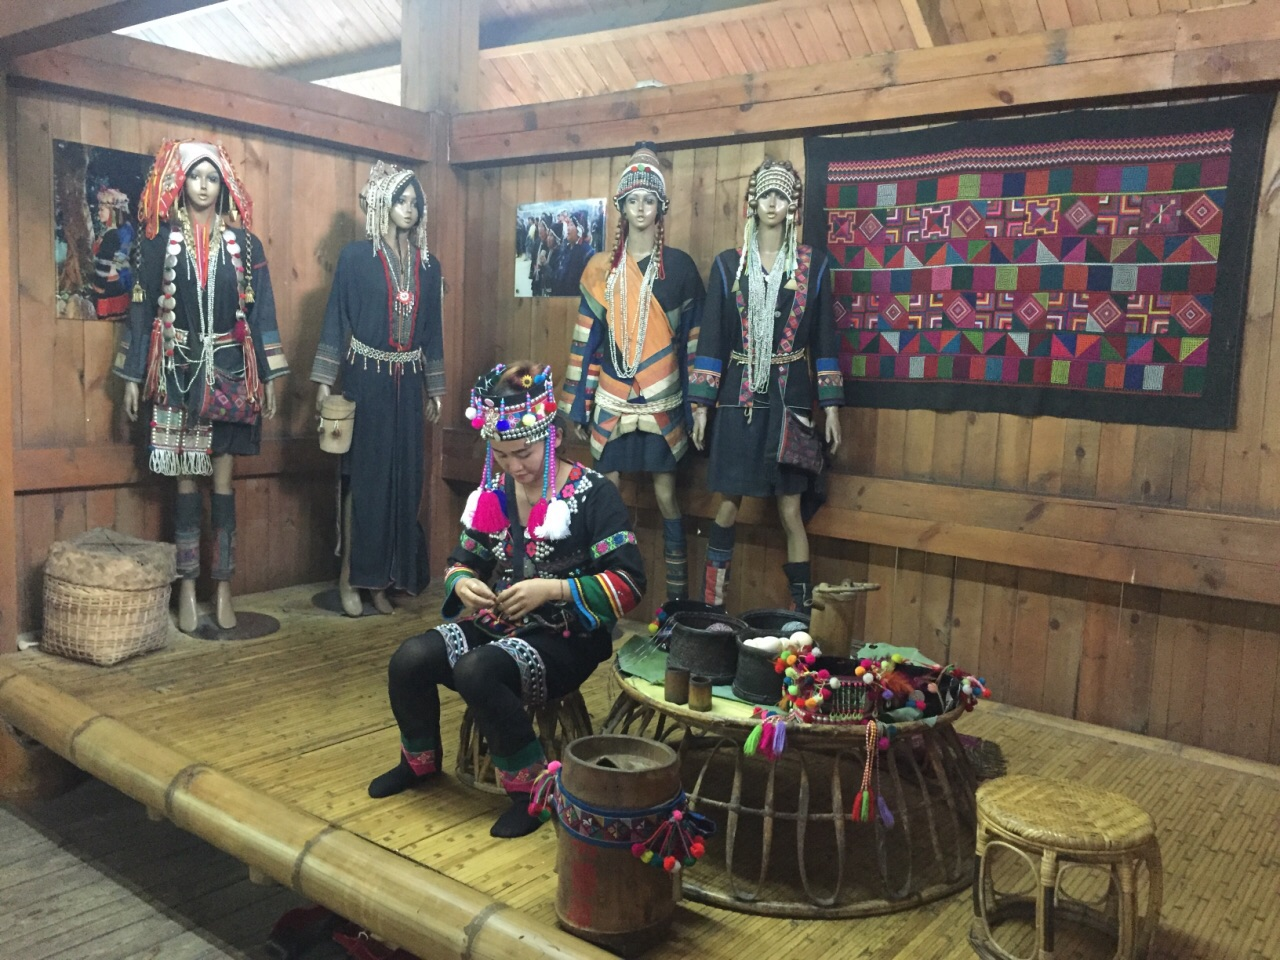 爱伲是哈尼族的一个分支,这里有个二层小楼展示了爱伲人的衣食住行.